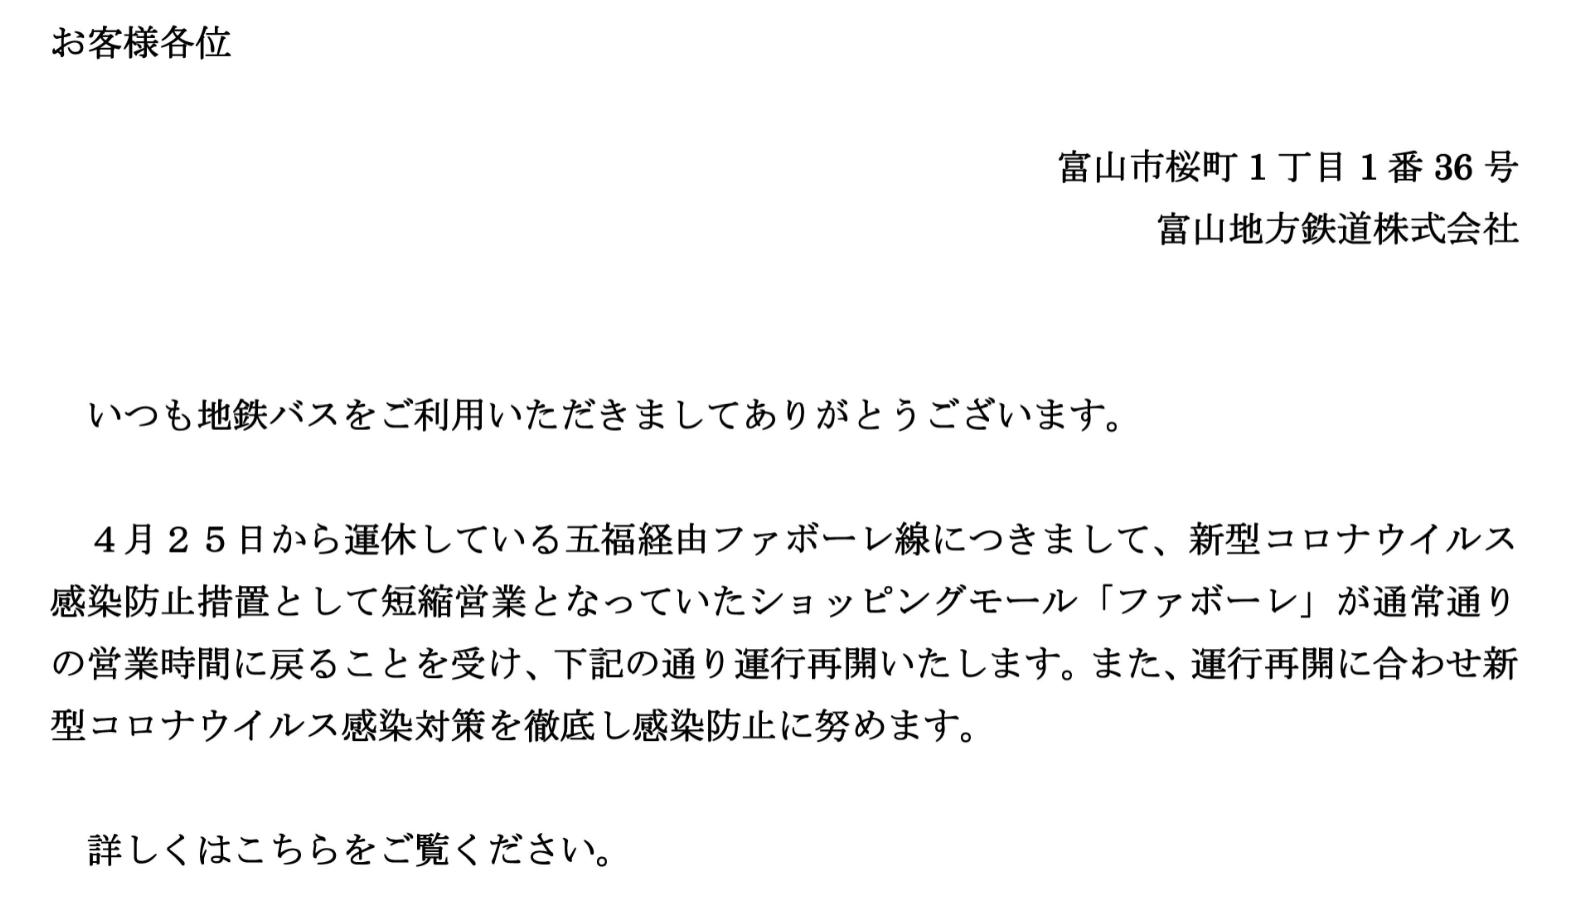 富山 市 コロナ 情報